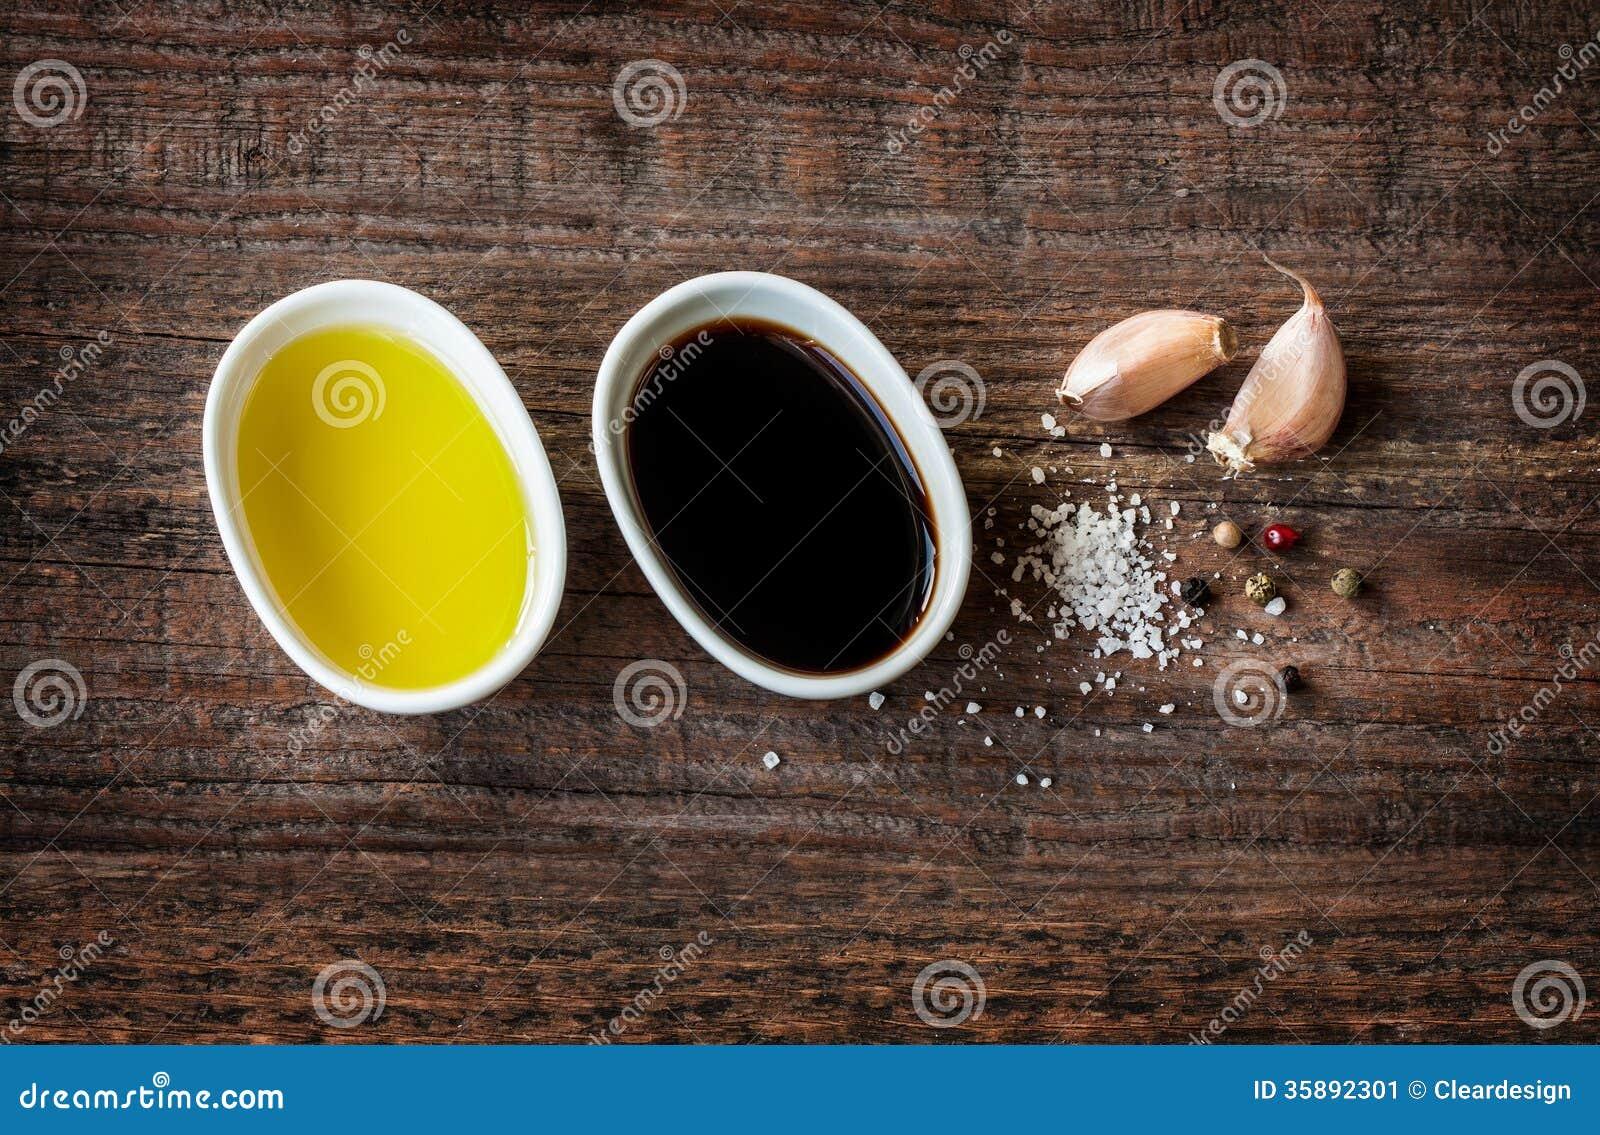 Olive oil, balsamic vinegar, garlic, salt and pepper - vinaigrette dressing